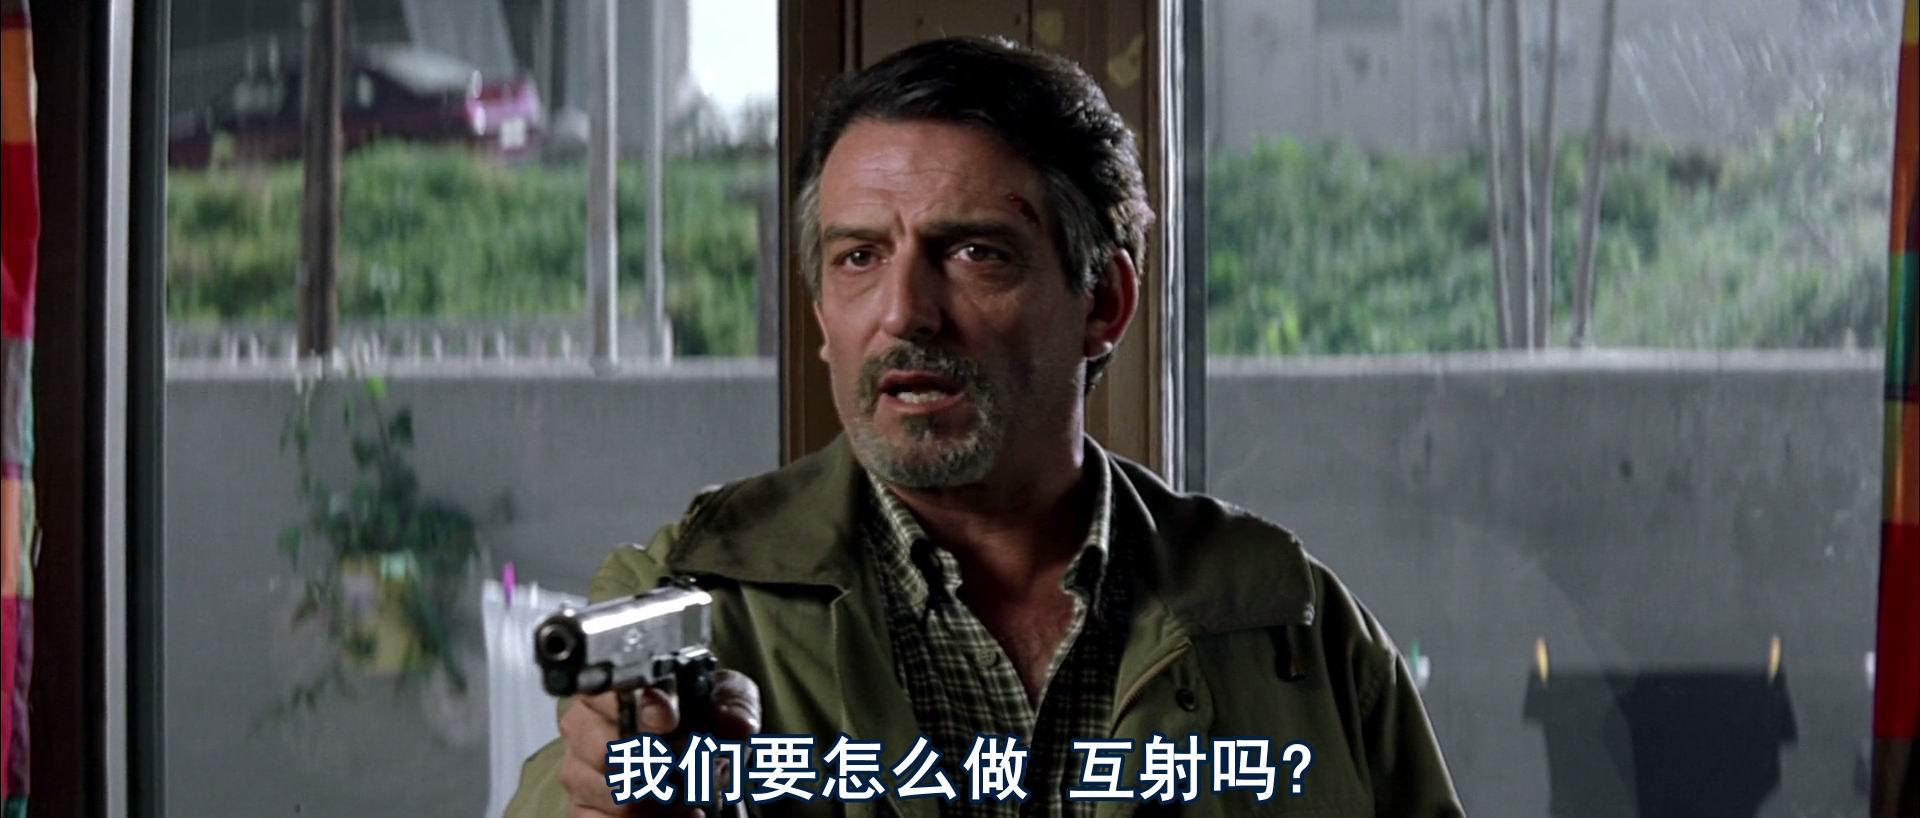 活色生香 1997.HD720P 迅雷下载